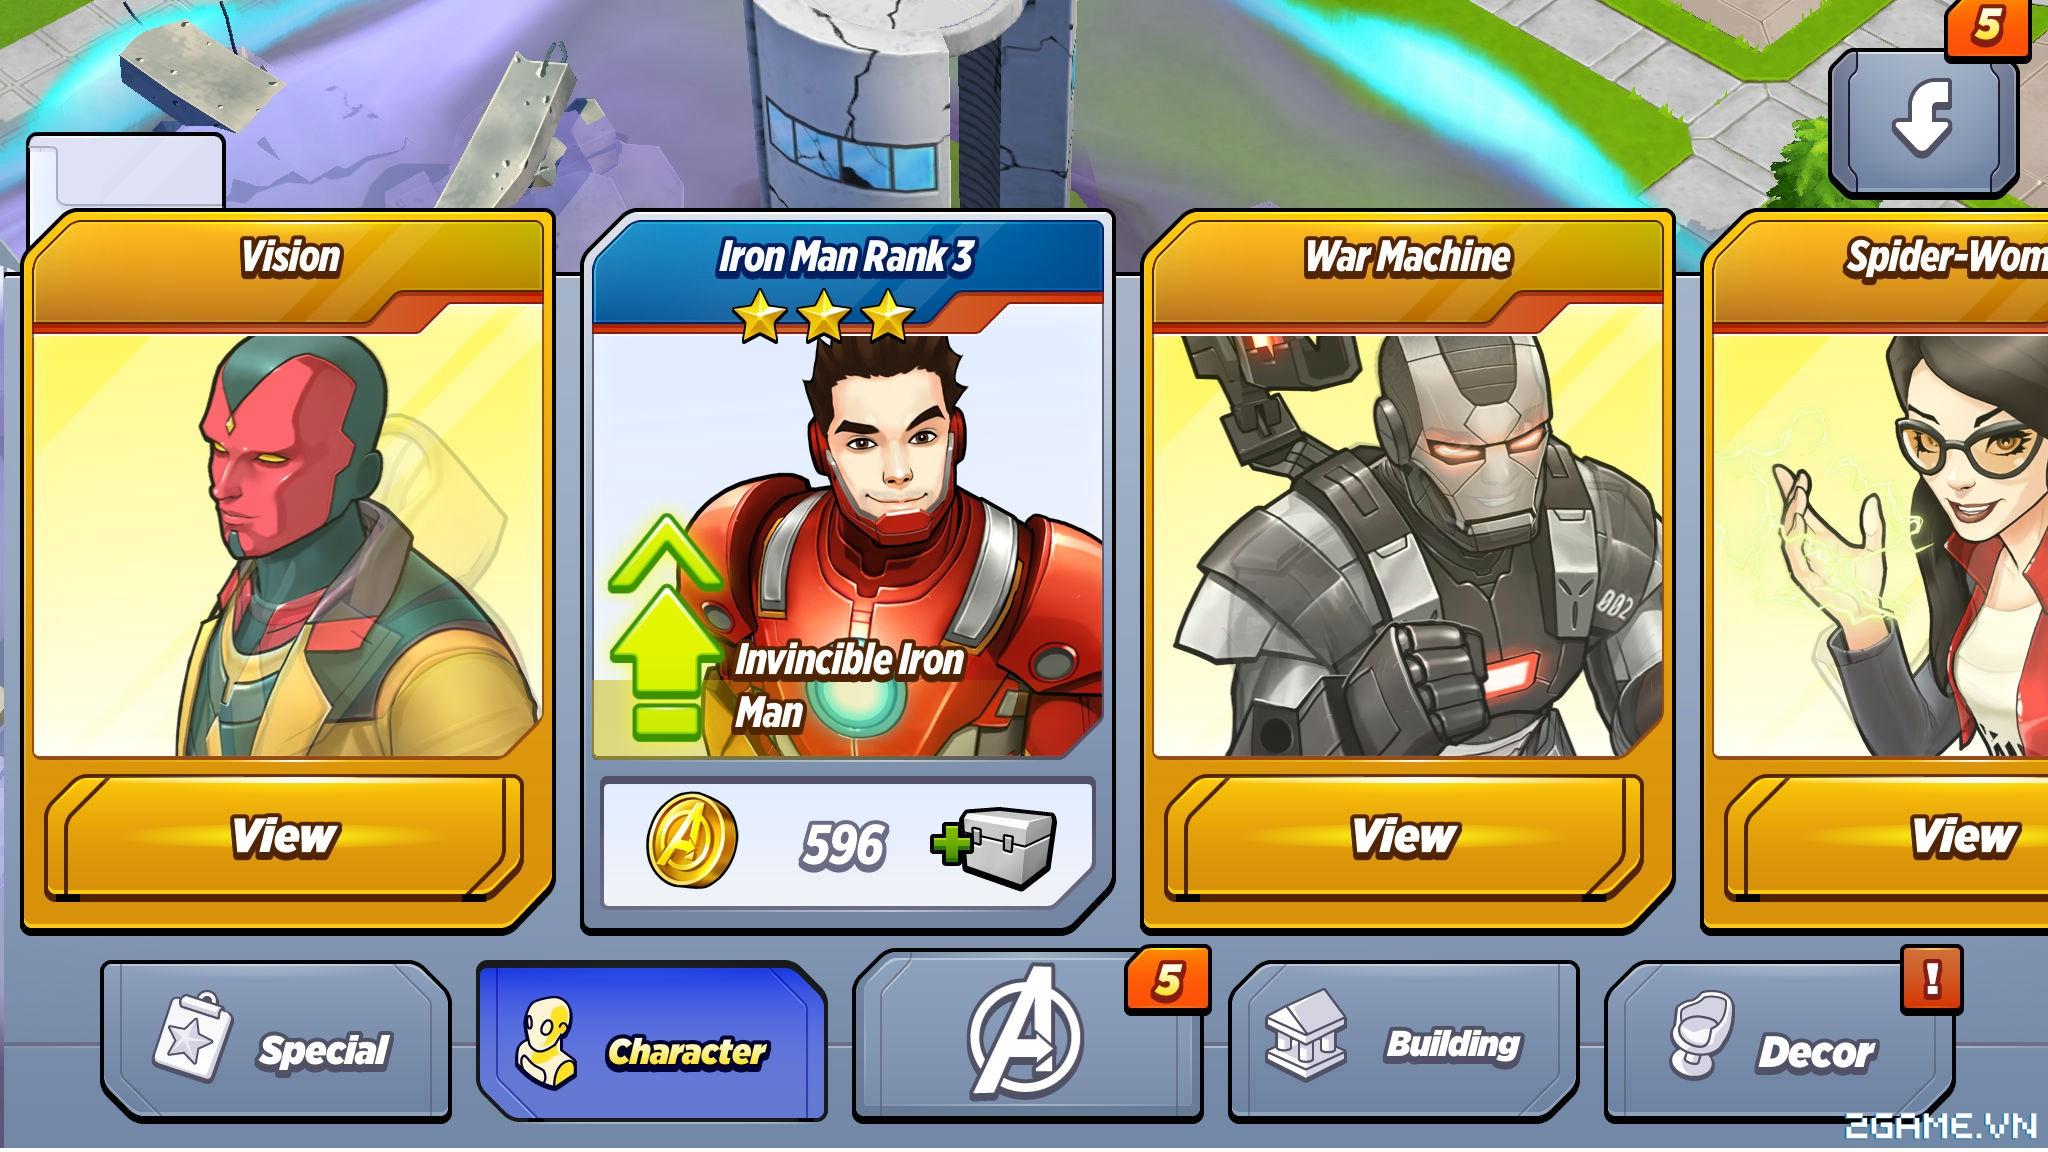 Marvel Avengers Academy - Tiếp xúc với thế giới Marvel hàng ngày hàng giờ 2